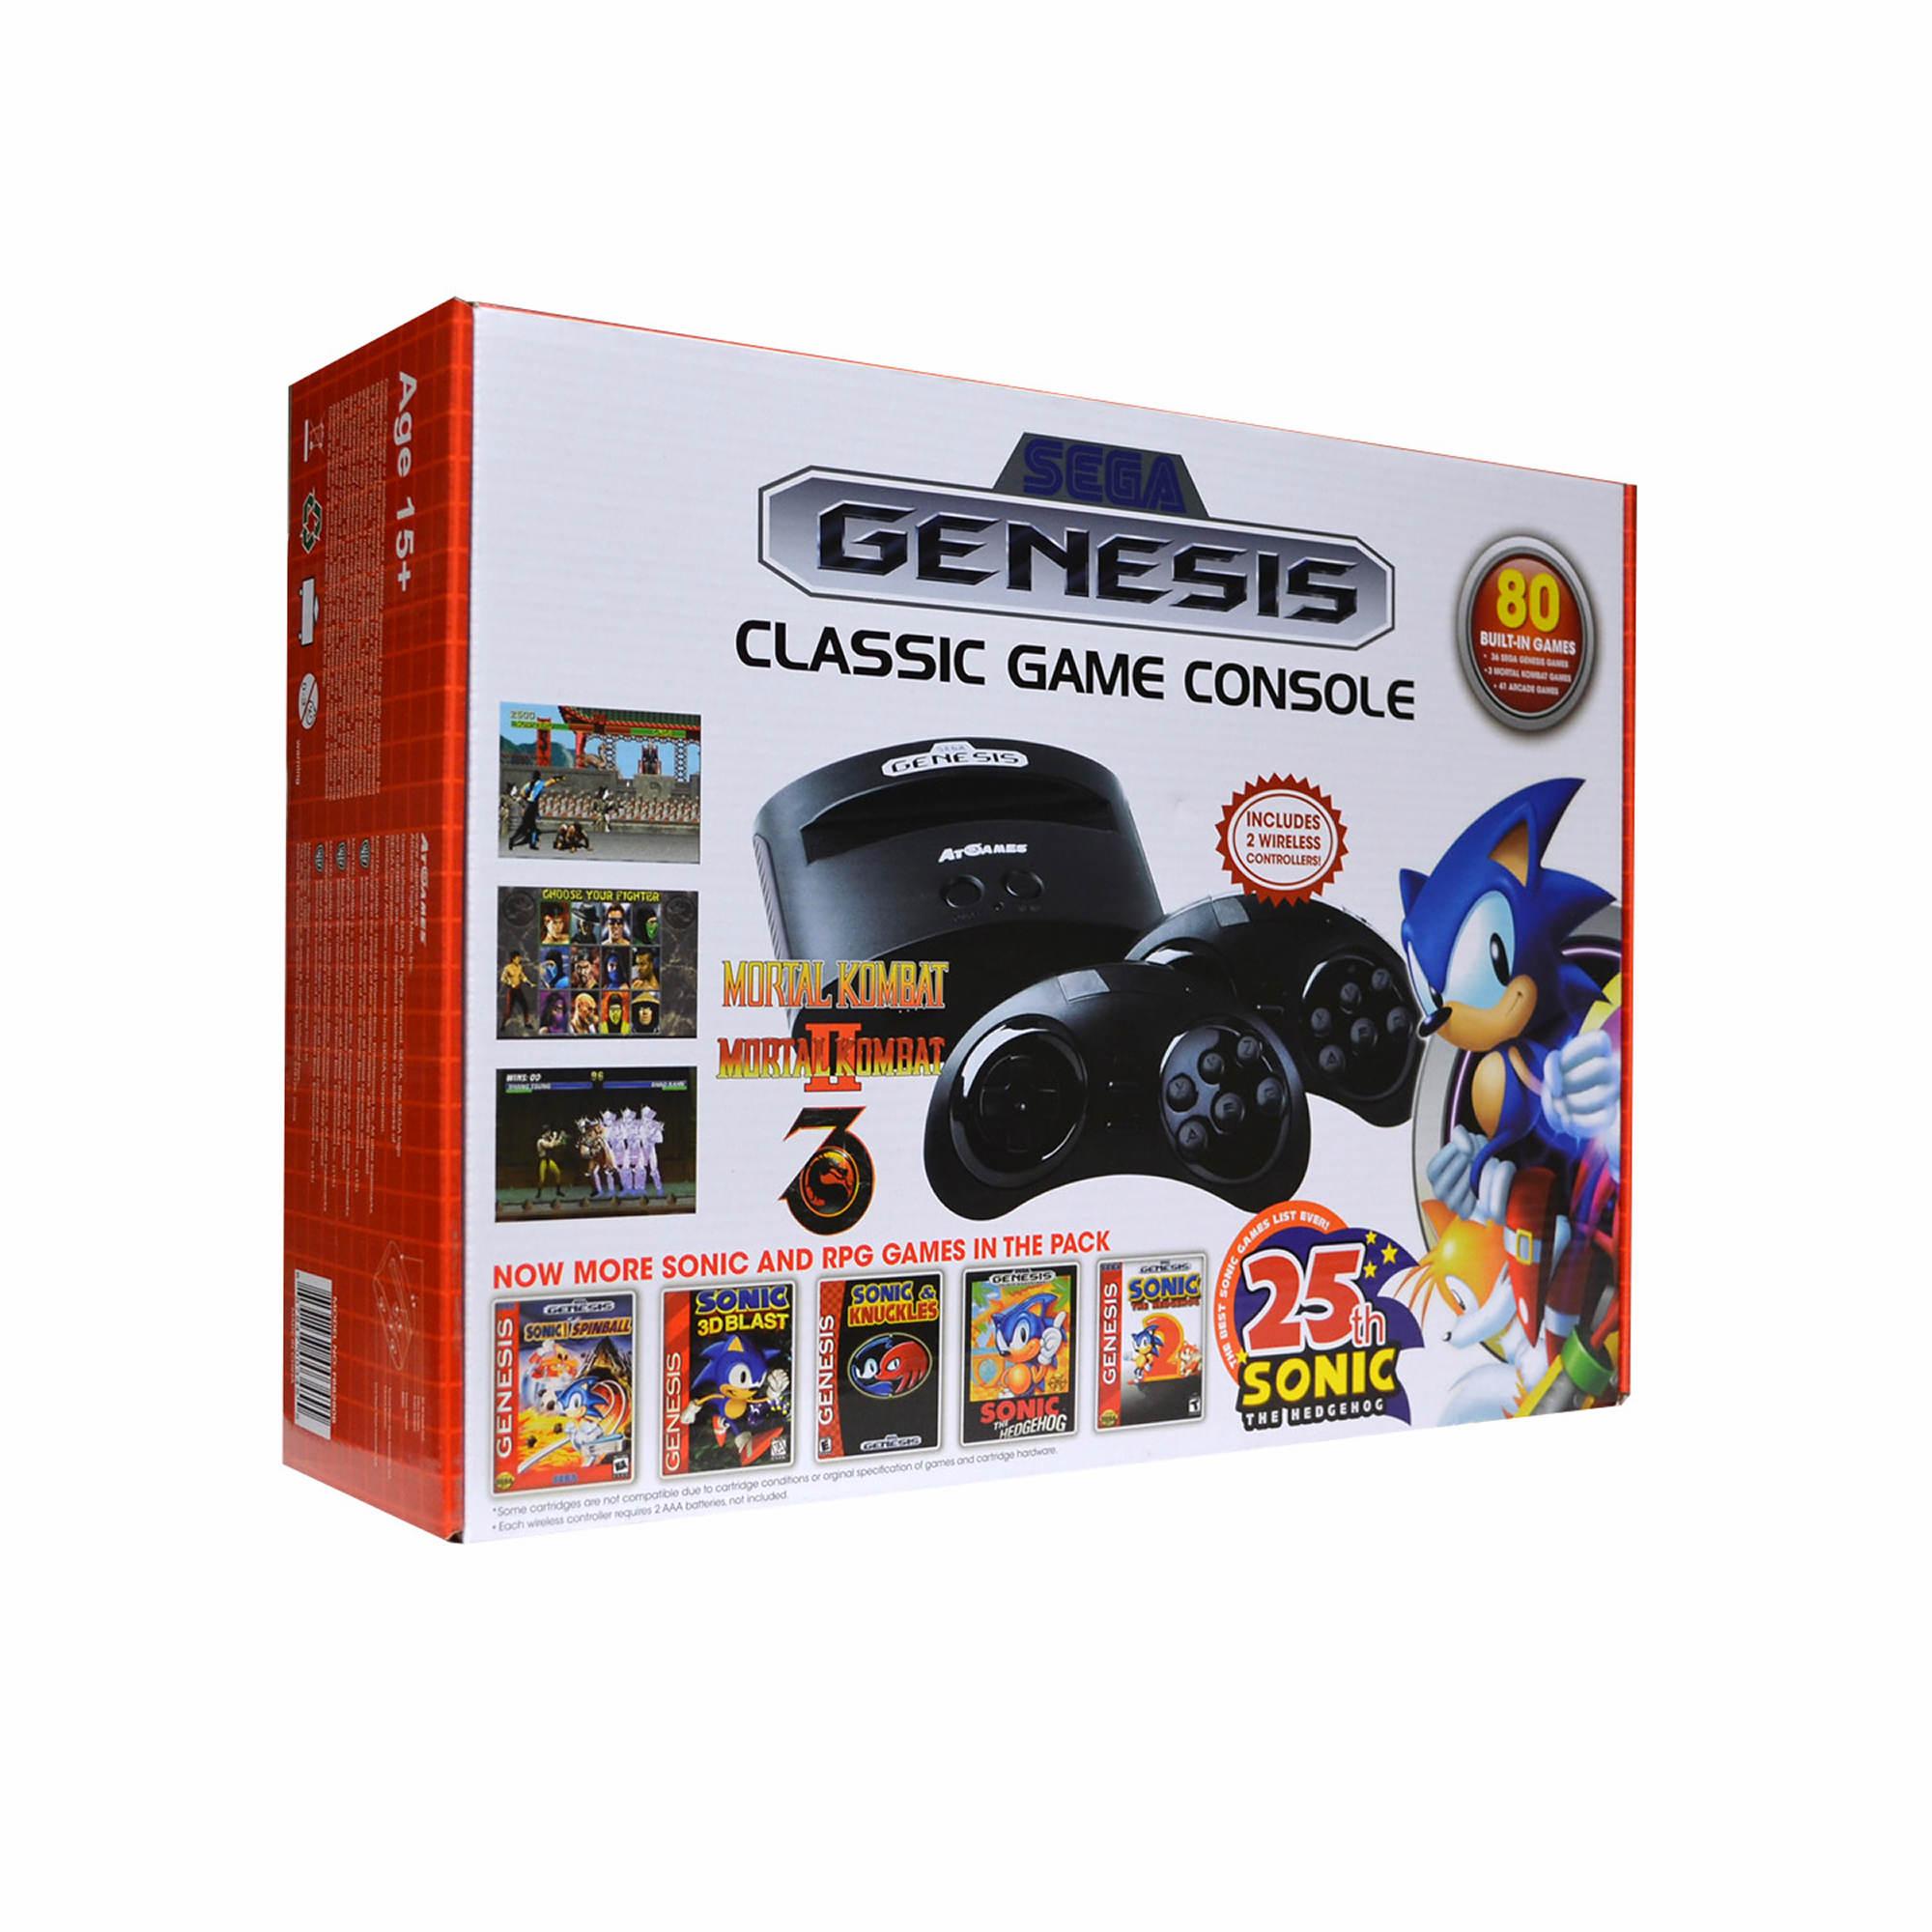 Sega genesis classic game console bj 39 s wholesale club - Sega genesis classic game console games ...